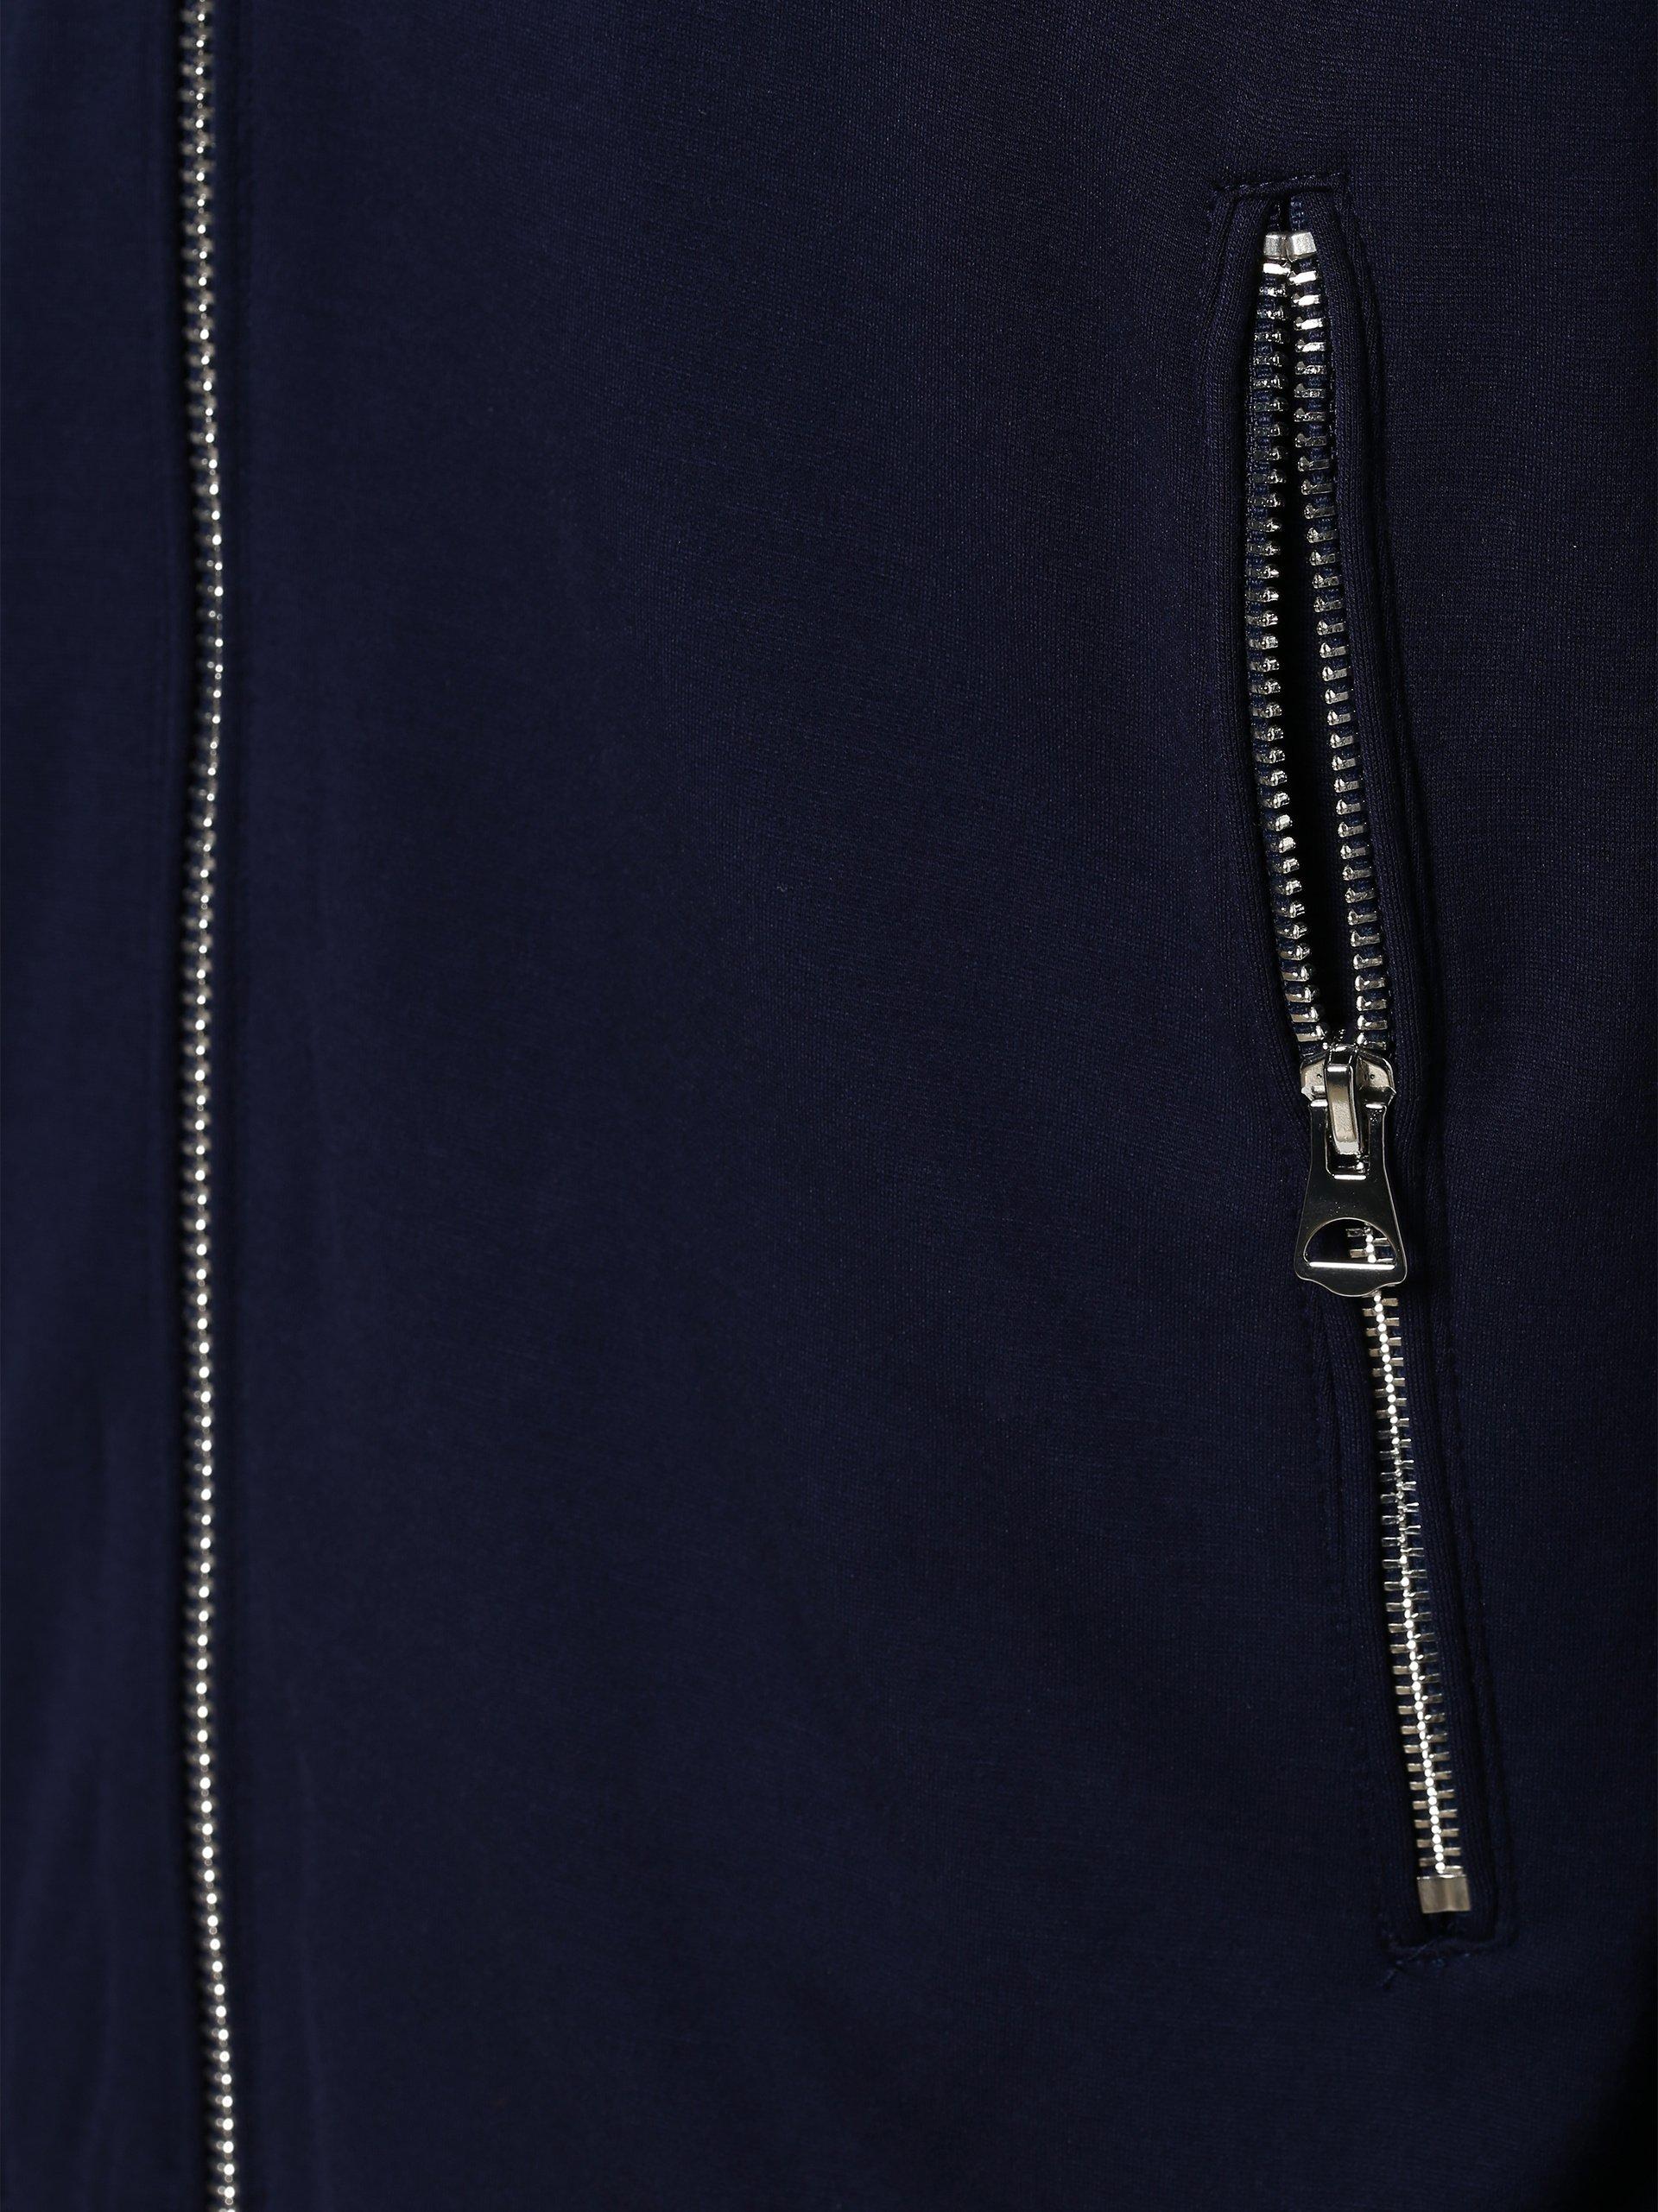 Andrew James Sailing Męska bluza rozpinana